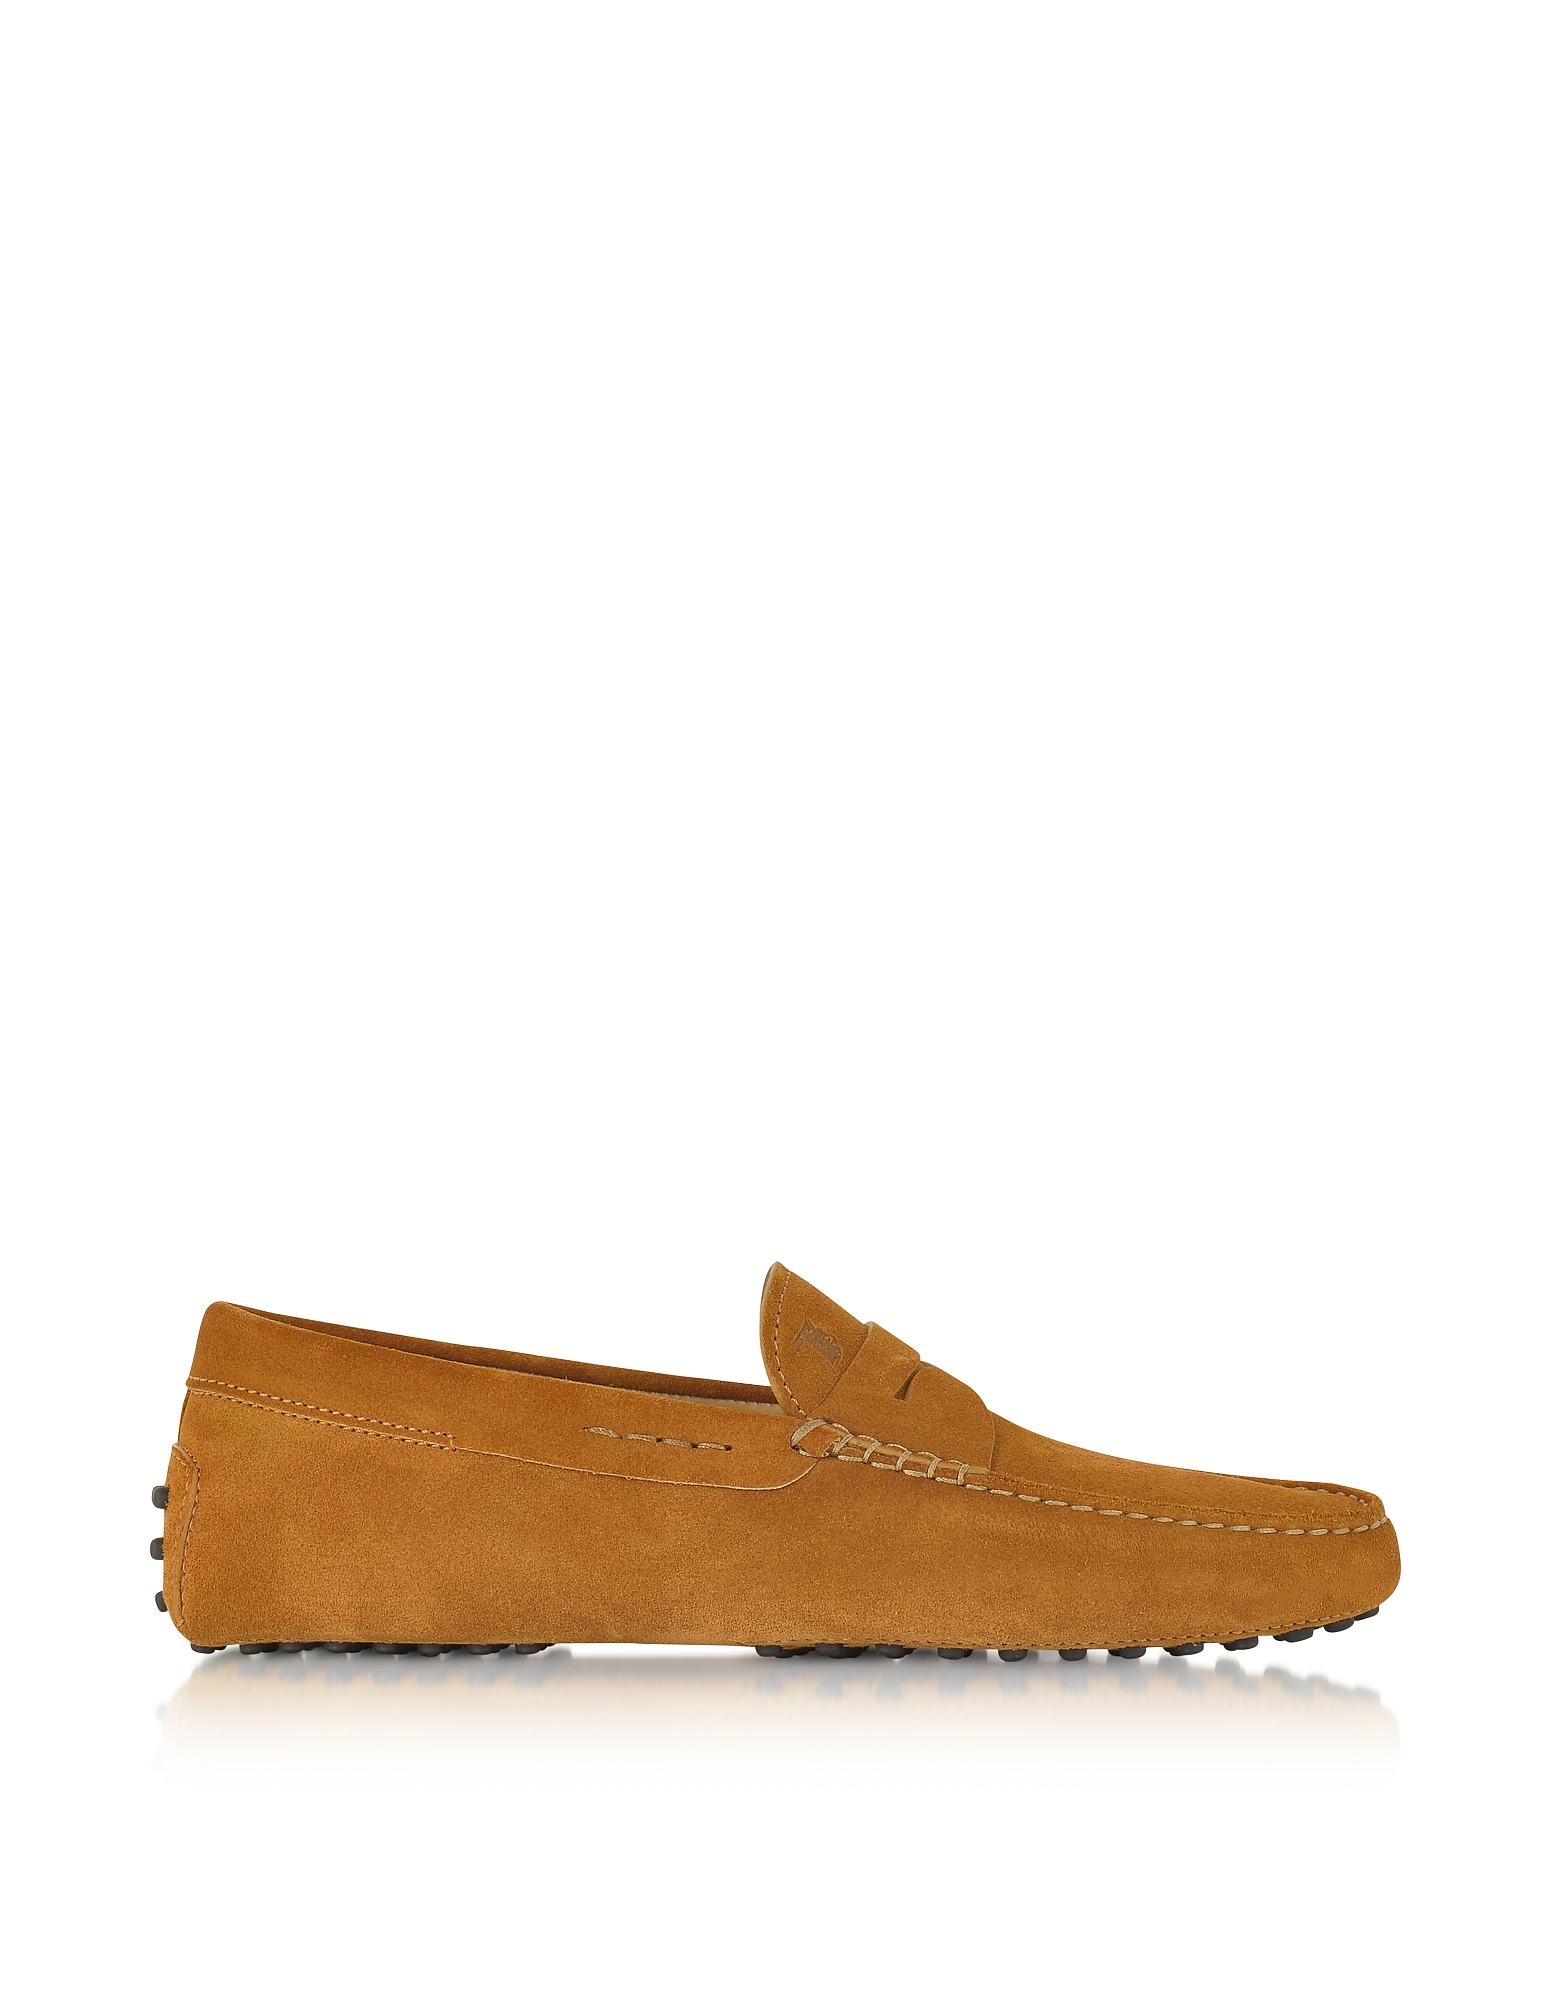 Gommino - Замшевые Туфли для Вождения Автомобиля Оттенка Бренди